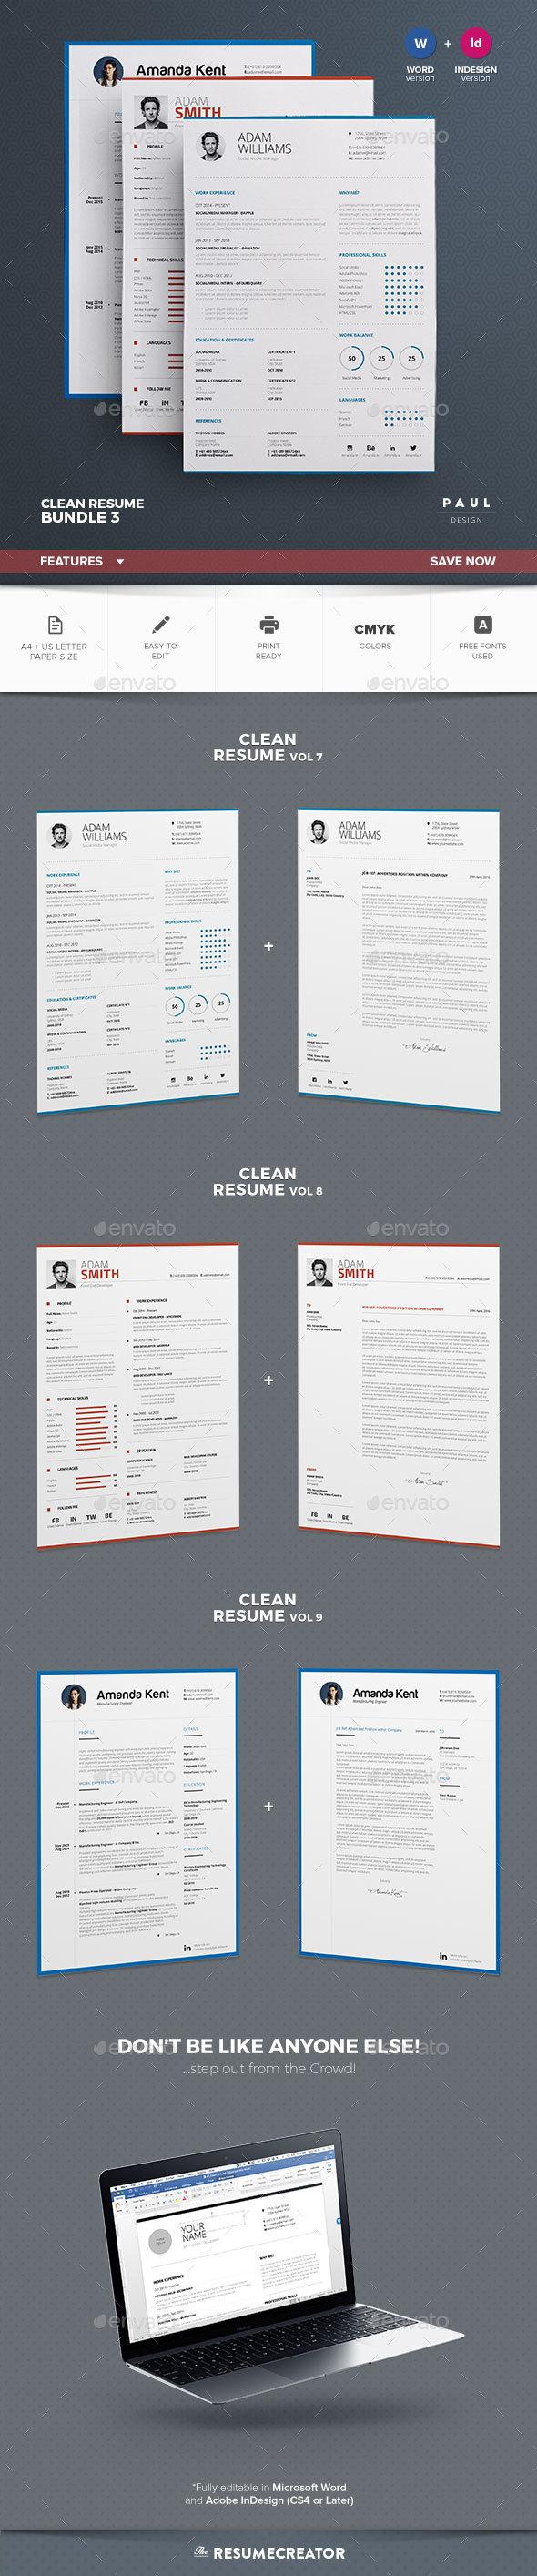 Clean Resume/Cv Bundle Vol.3